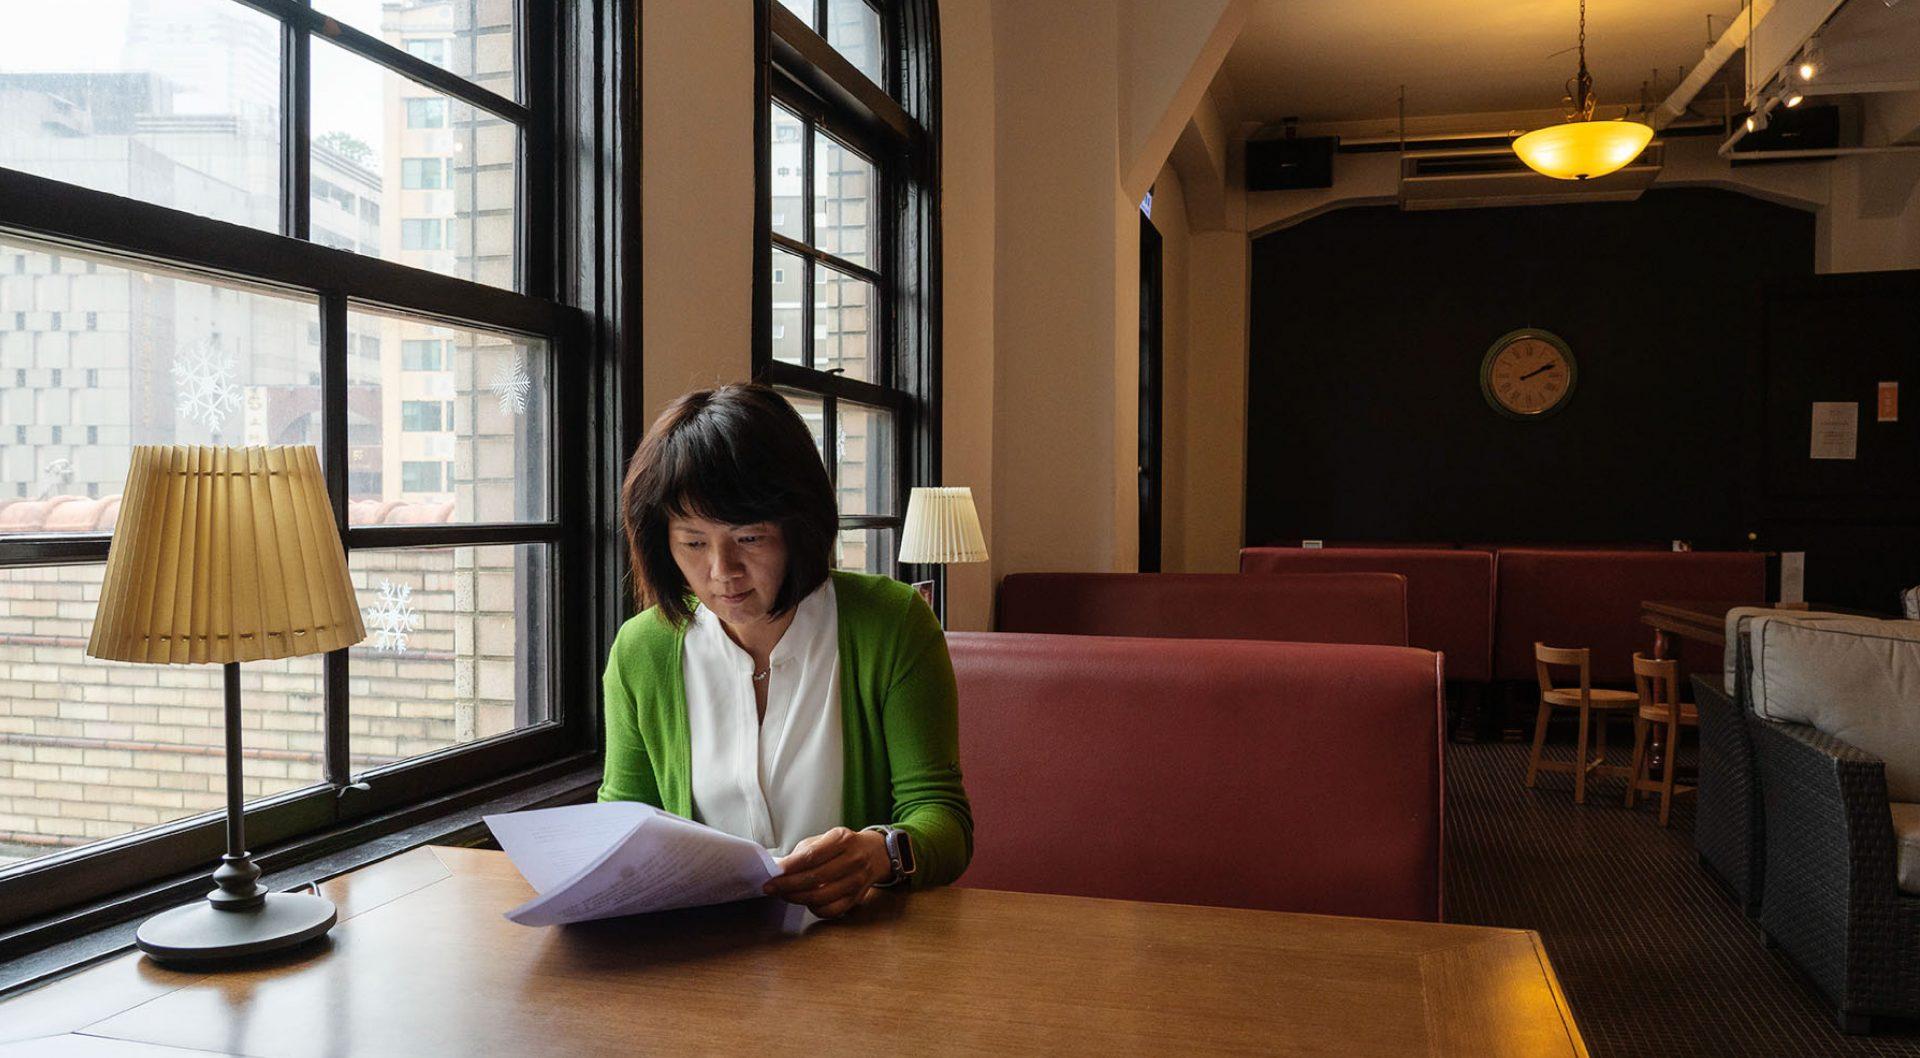 「 家庭平穏是⼀個安定社會的⼒量,我希望⼤家看⾒這個⼒量。」— 專訪王瑩凌 Lillian:⼆度就業,難的是如何平衡職場與家庭